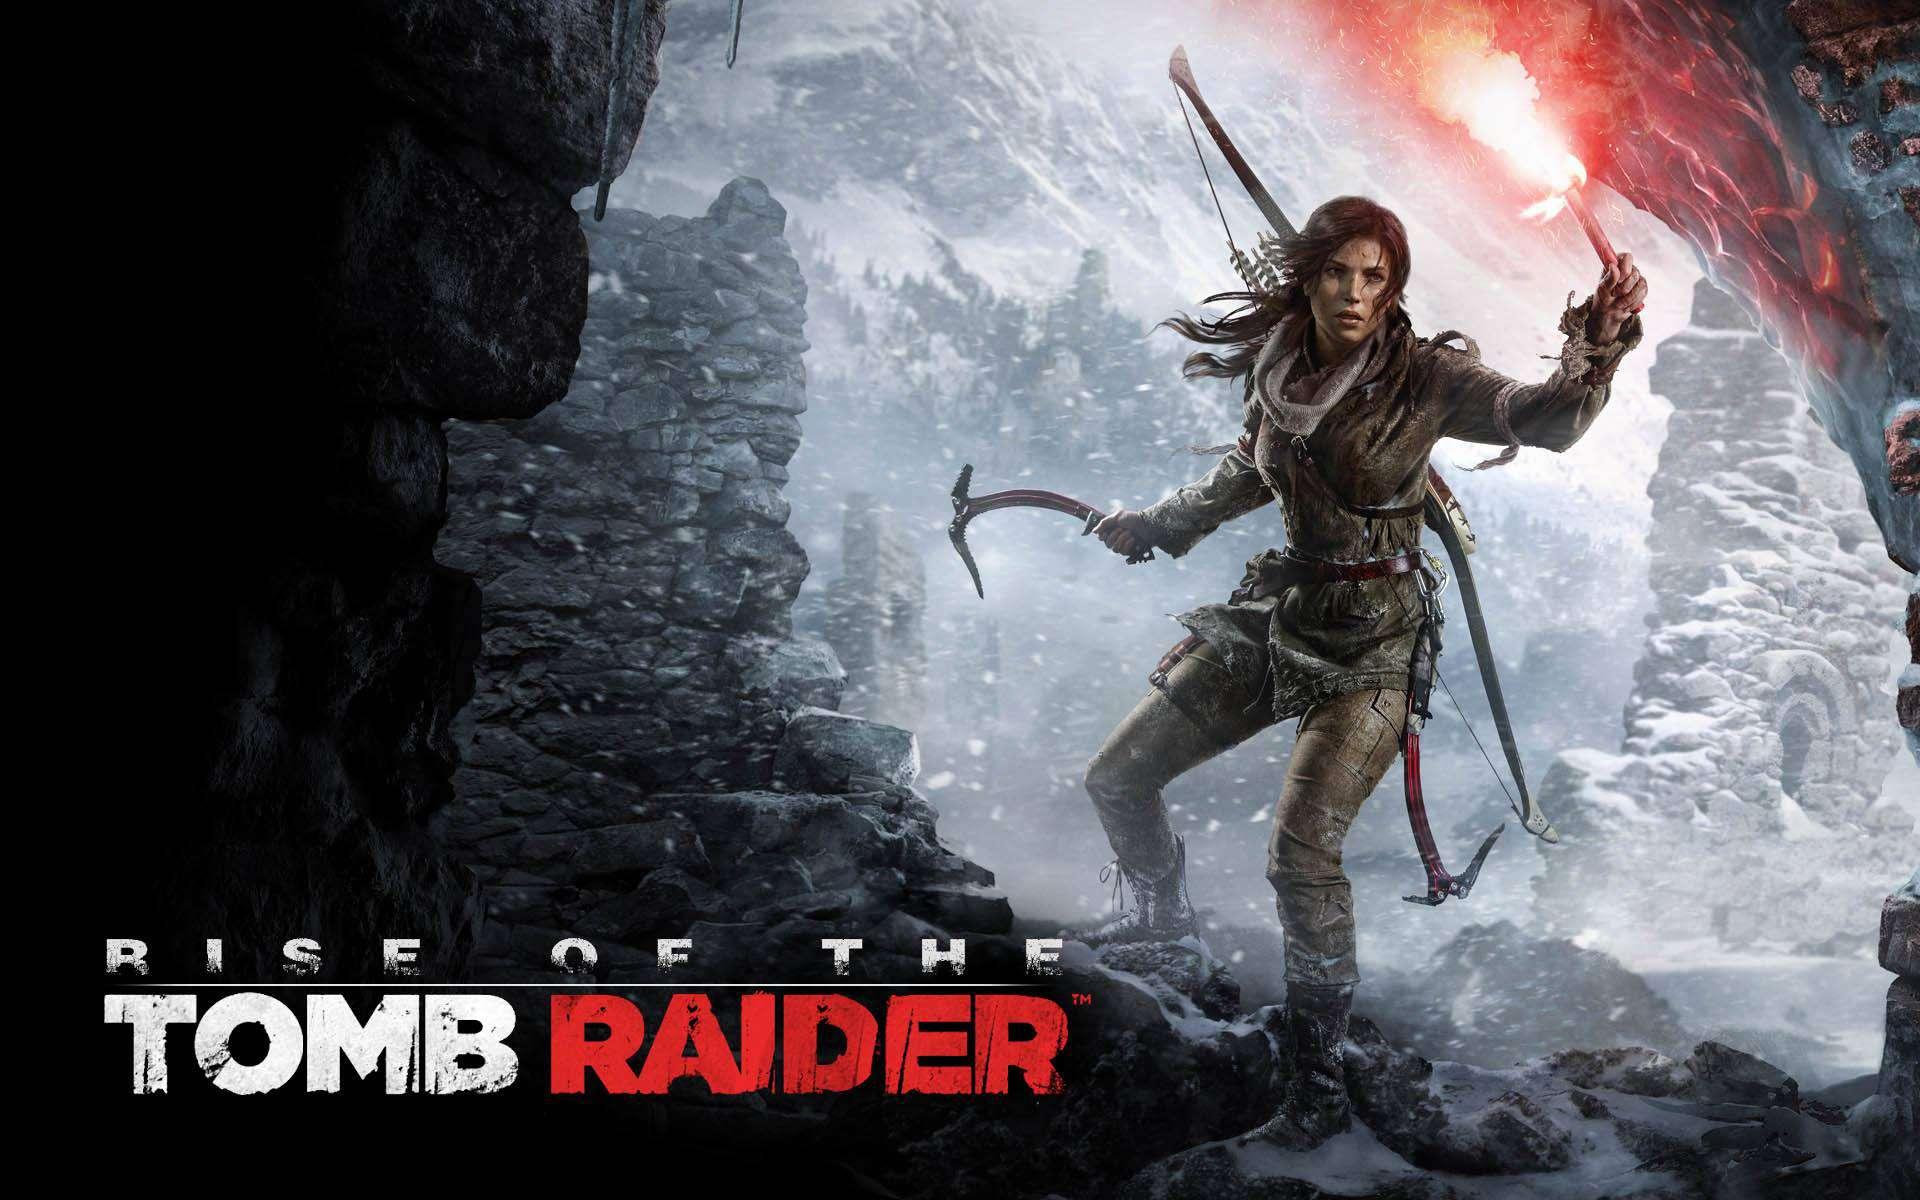 Rise of the Tomb Raider herunterladen PC